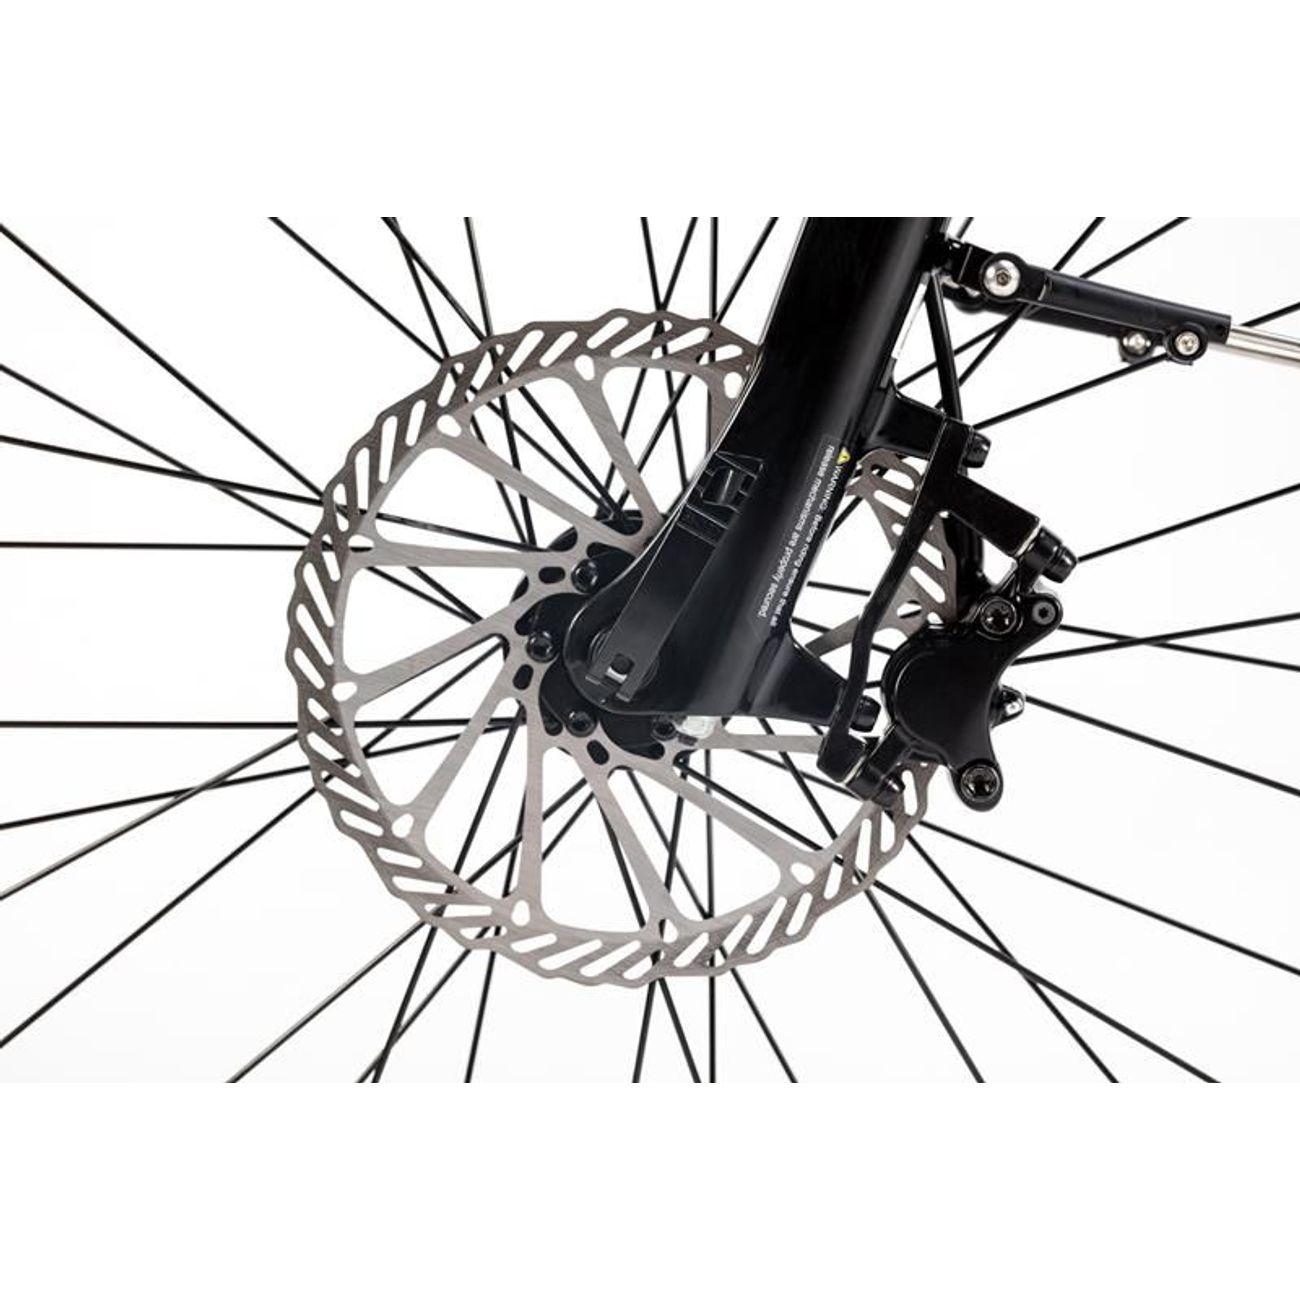 MOMABIKES Vélo de Ville Electrique VAE Ebike PRO Hydraulique Batterie intégrée, Adulte Unisexe, Gris, Unic Size